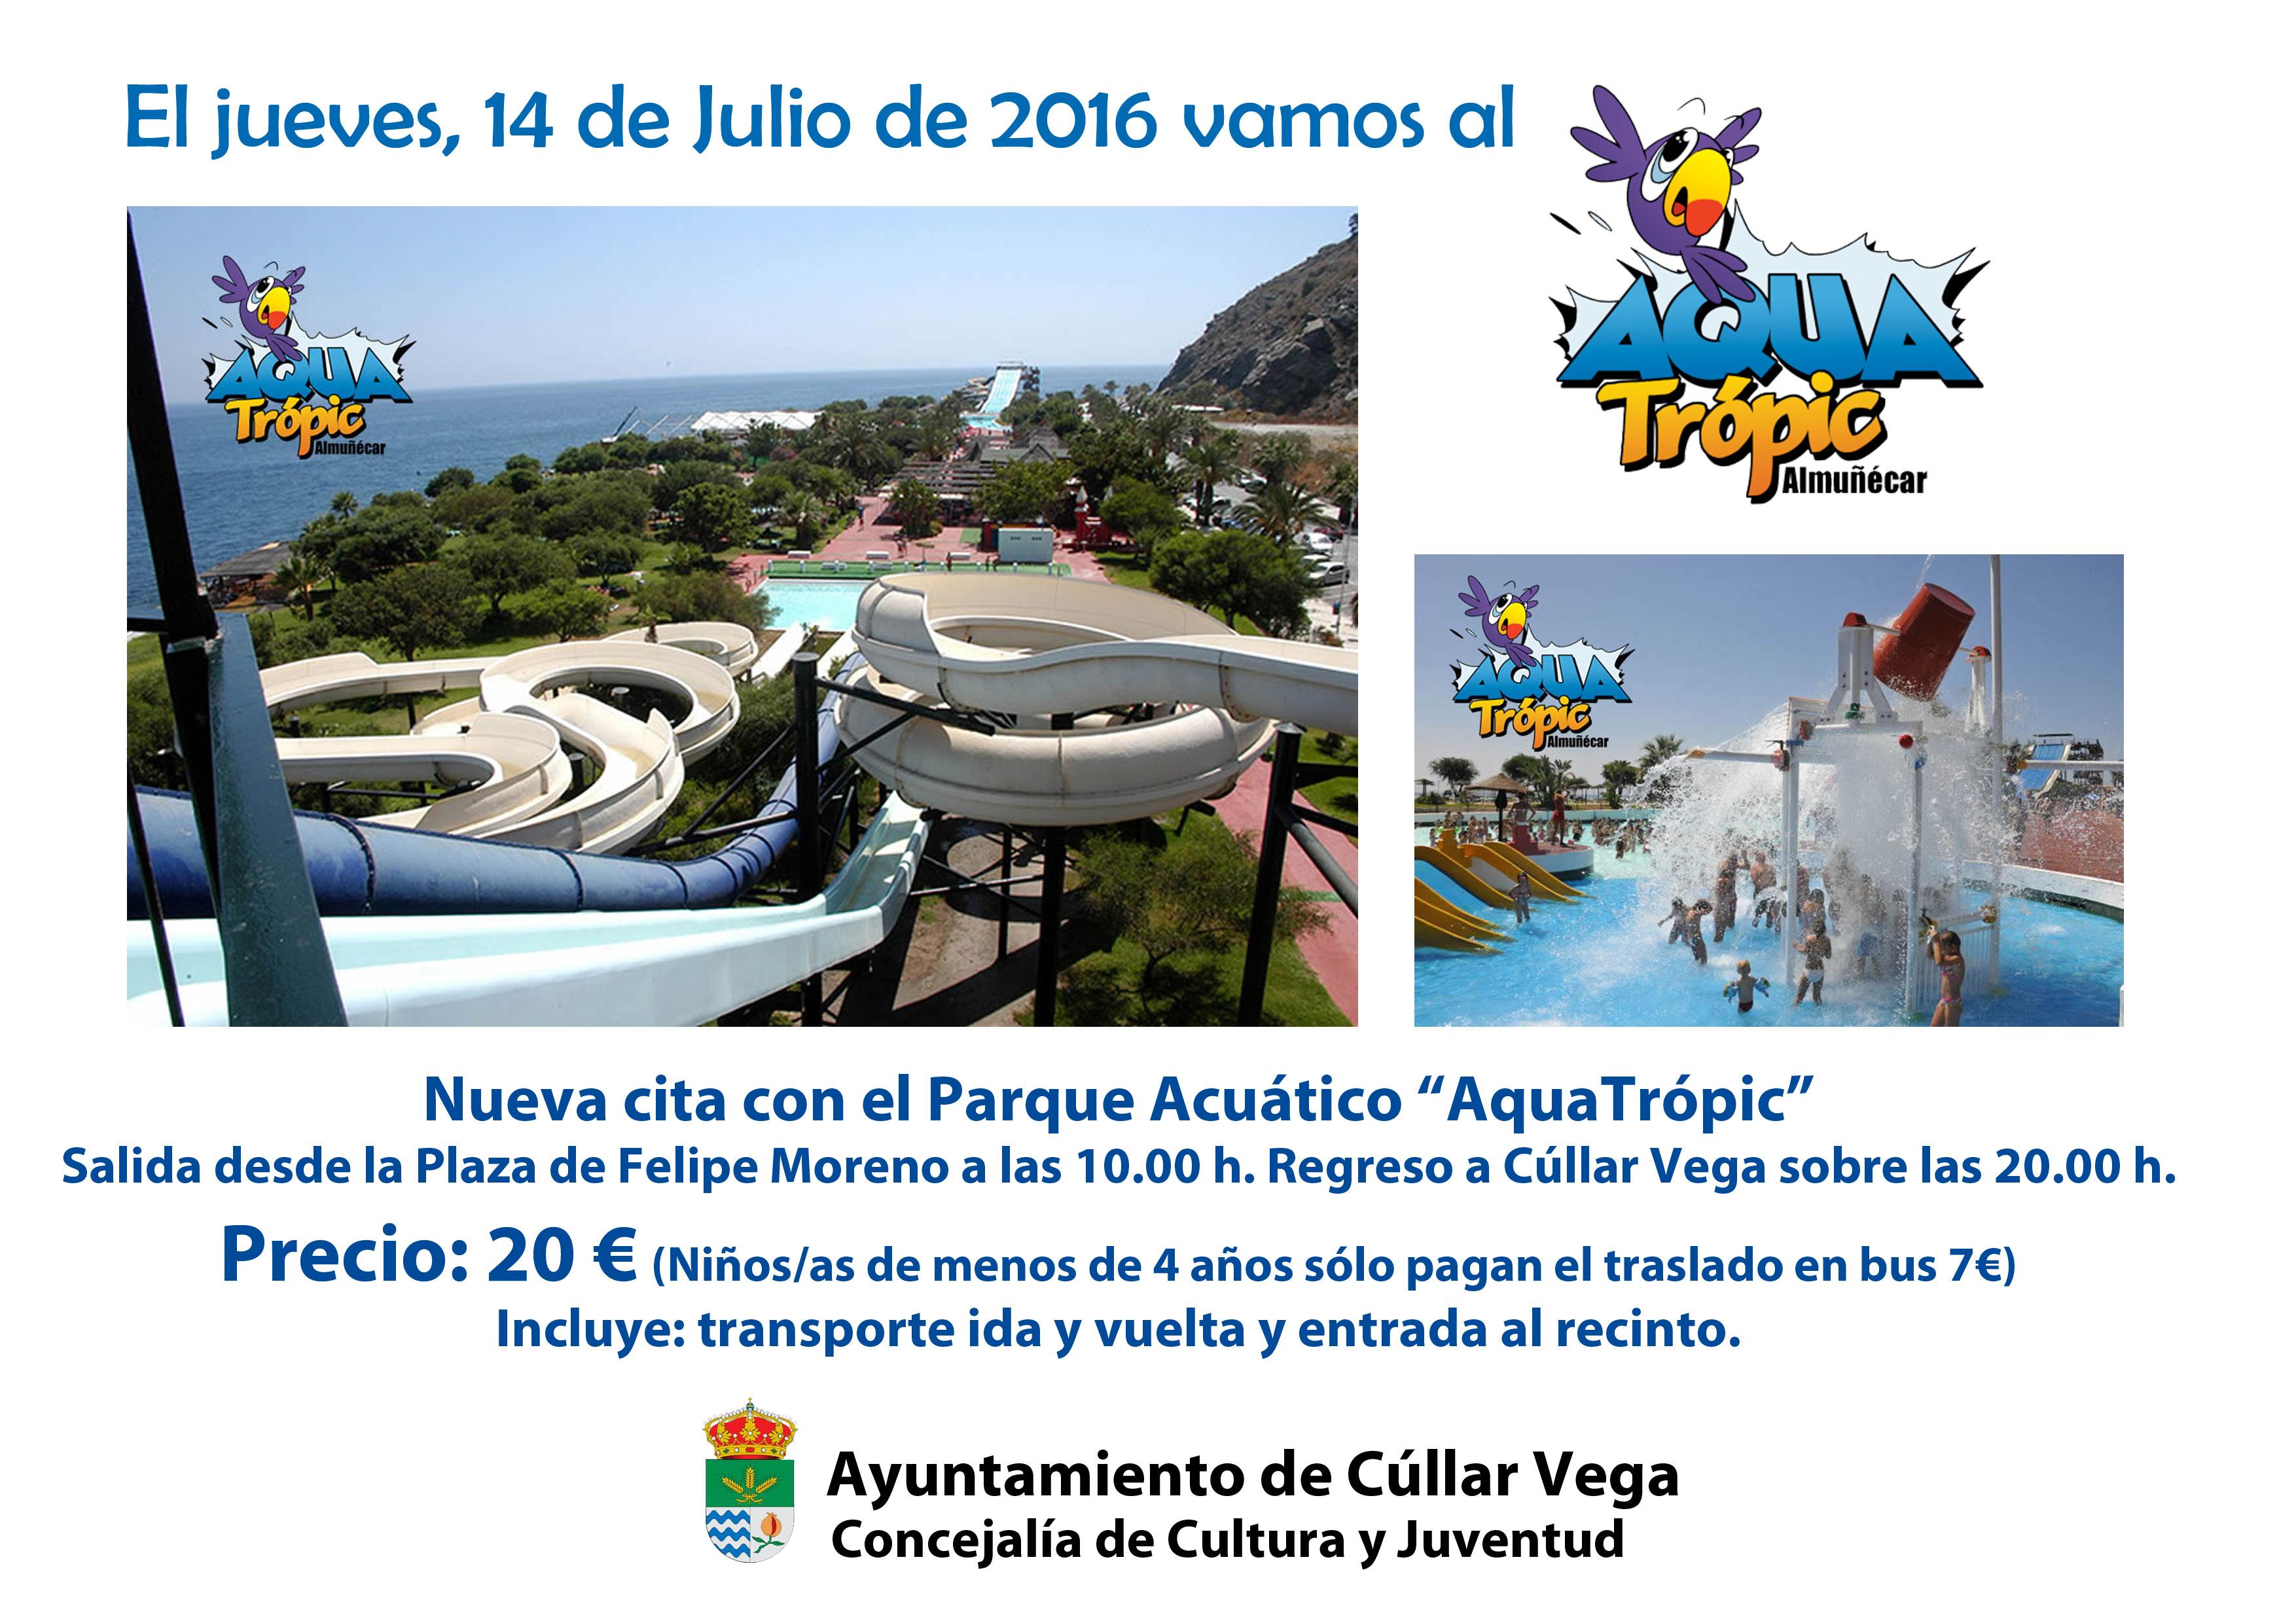 Excursión al Parque Acuático Aquatropic de Almuñecar